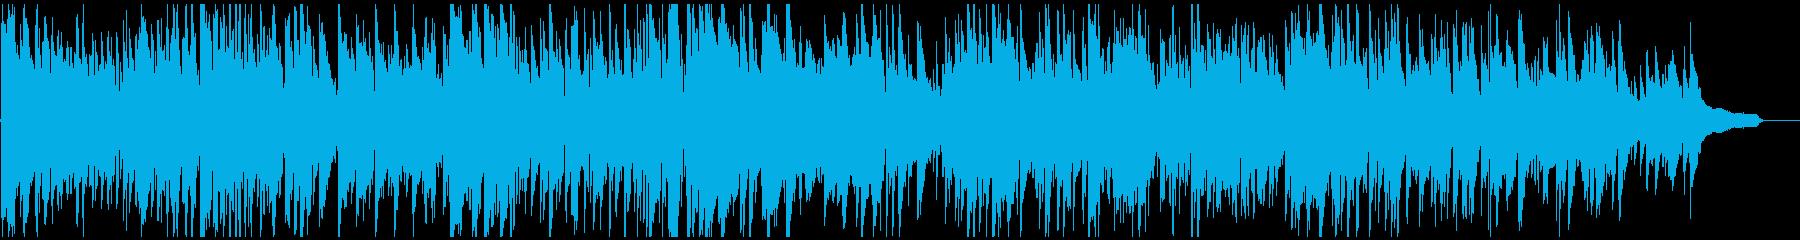 ファッショナブルなボサノバ・サックスの再生済みの波形